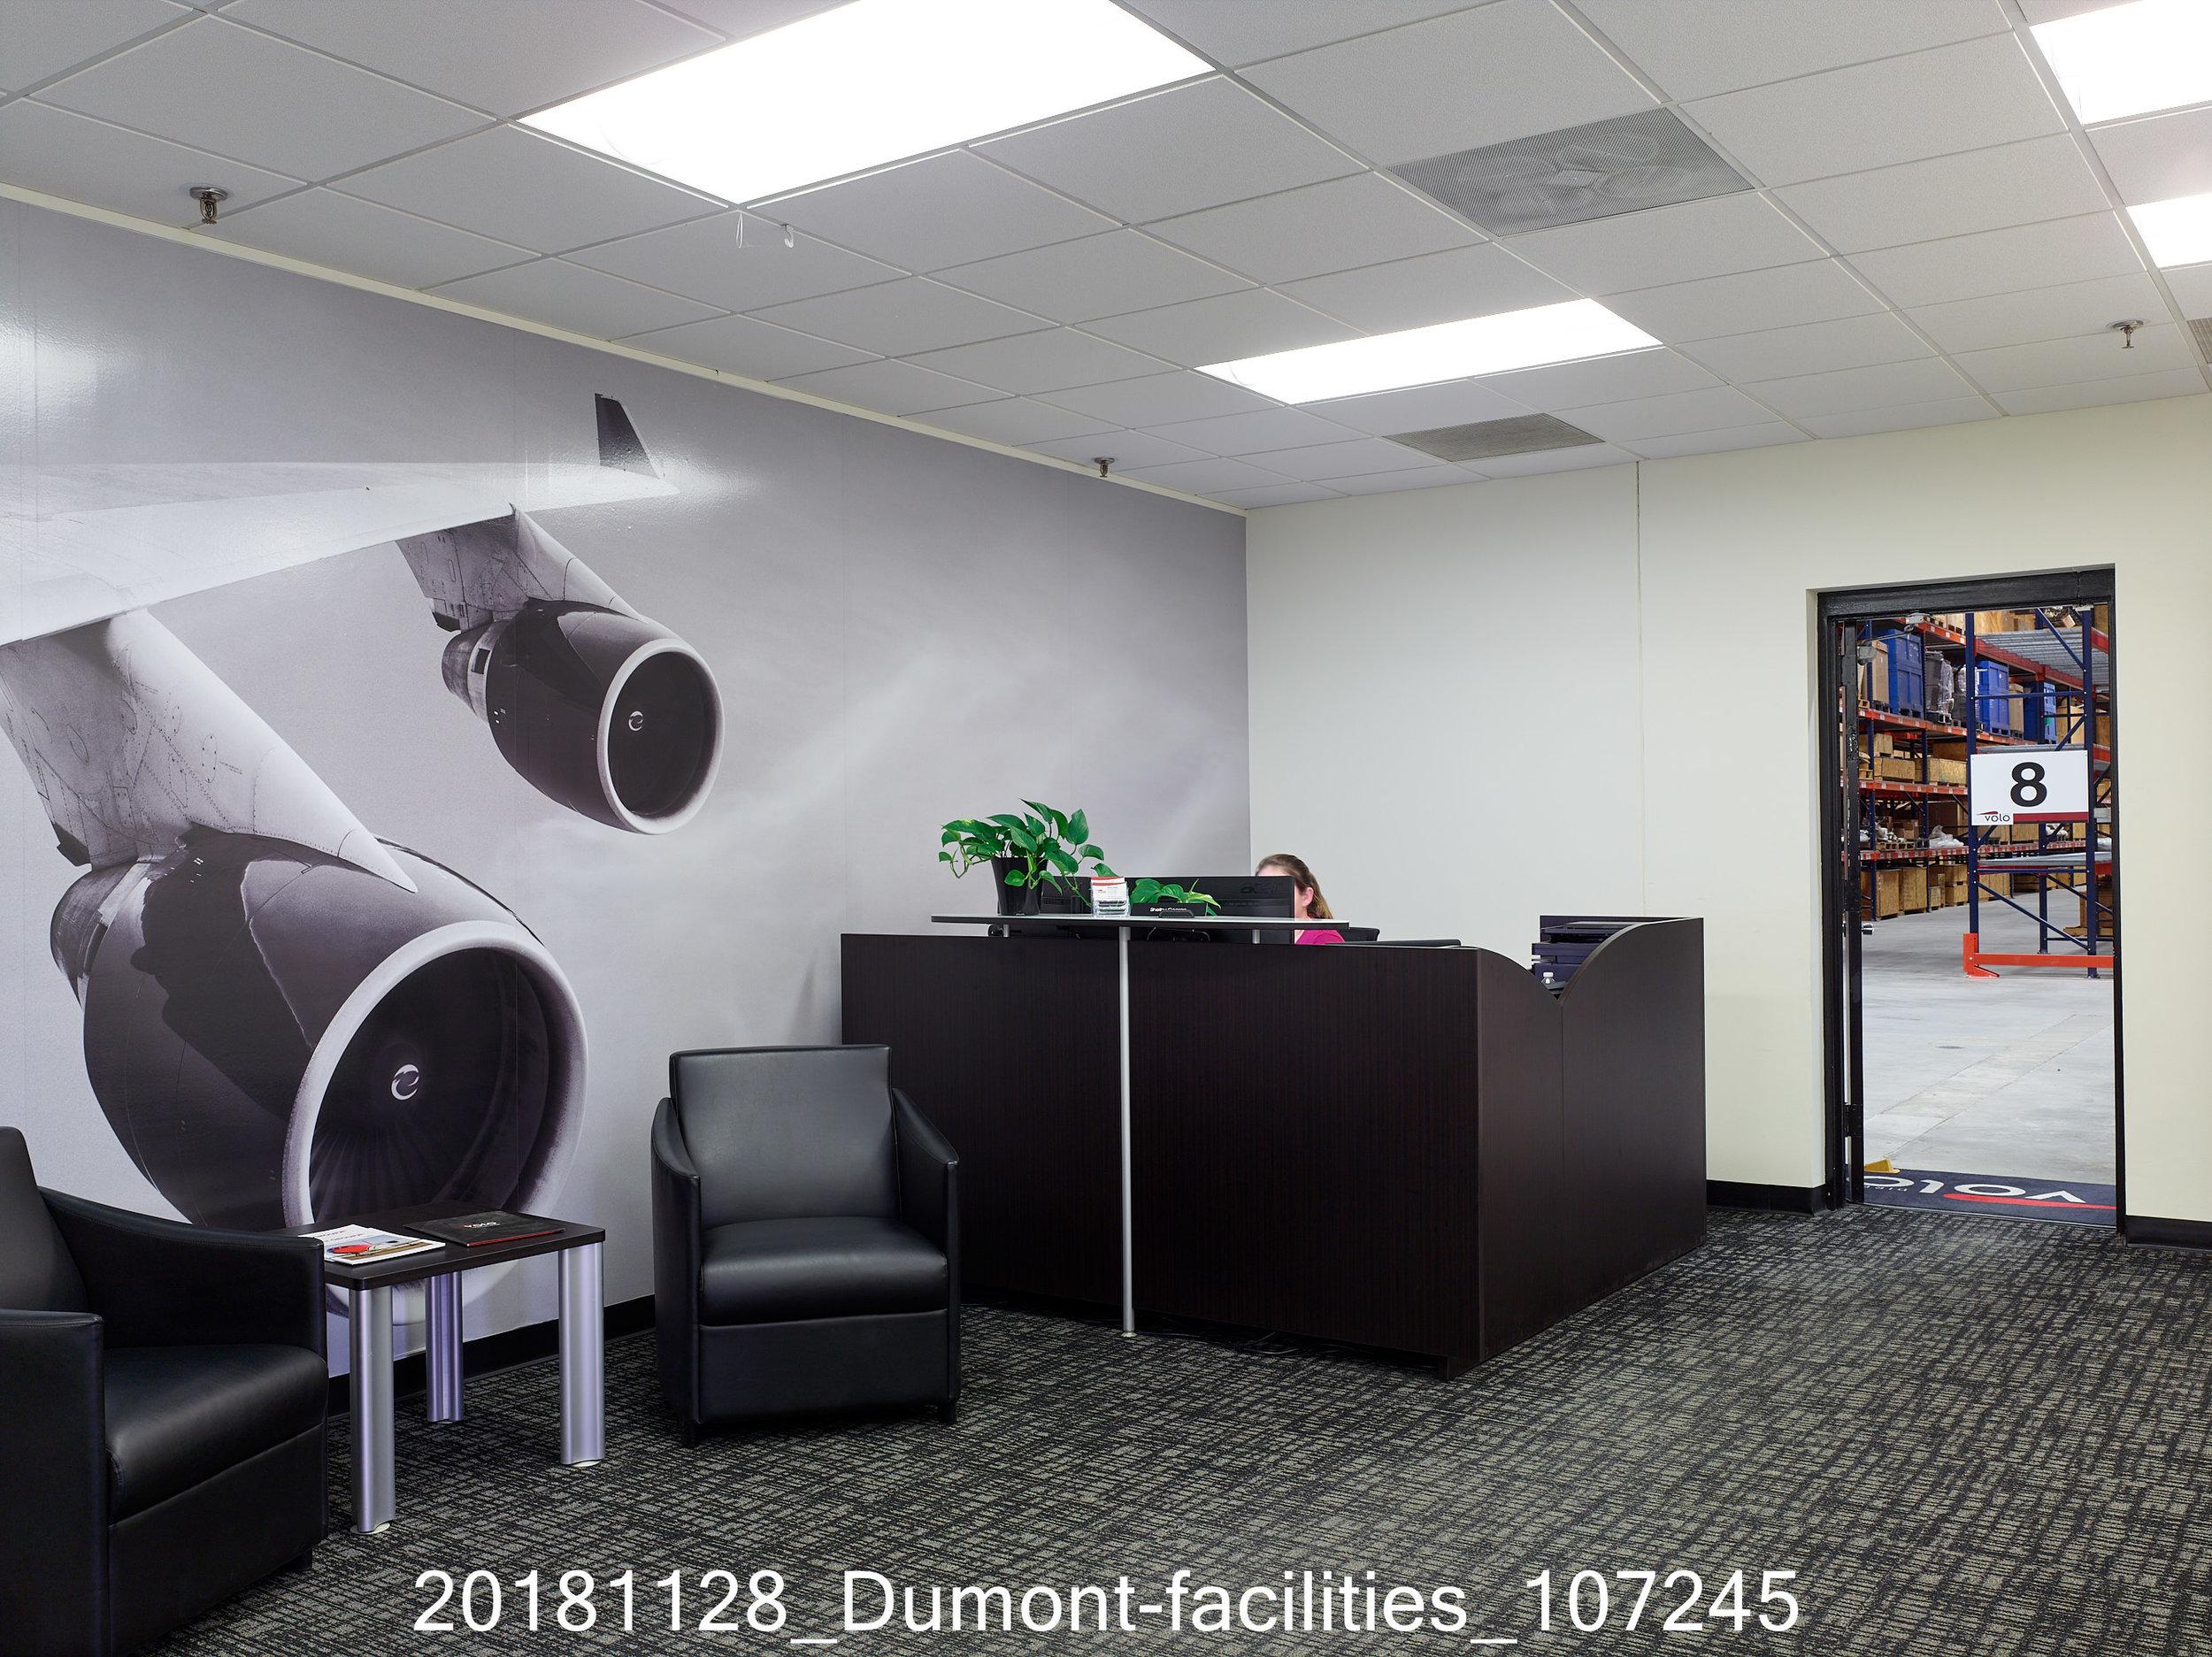 20181128_Dumont-facilities_107245.jpg